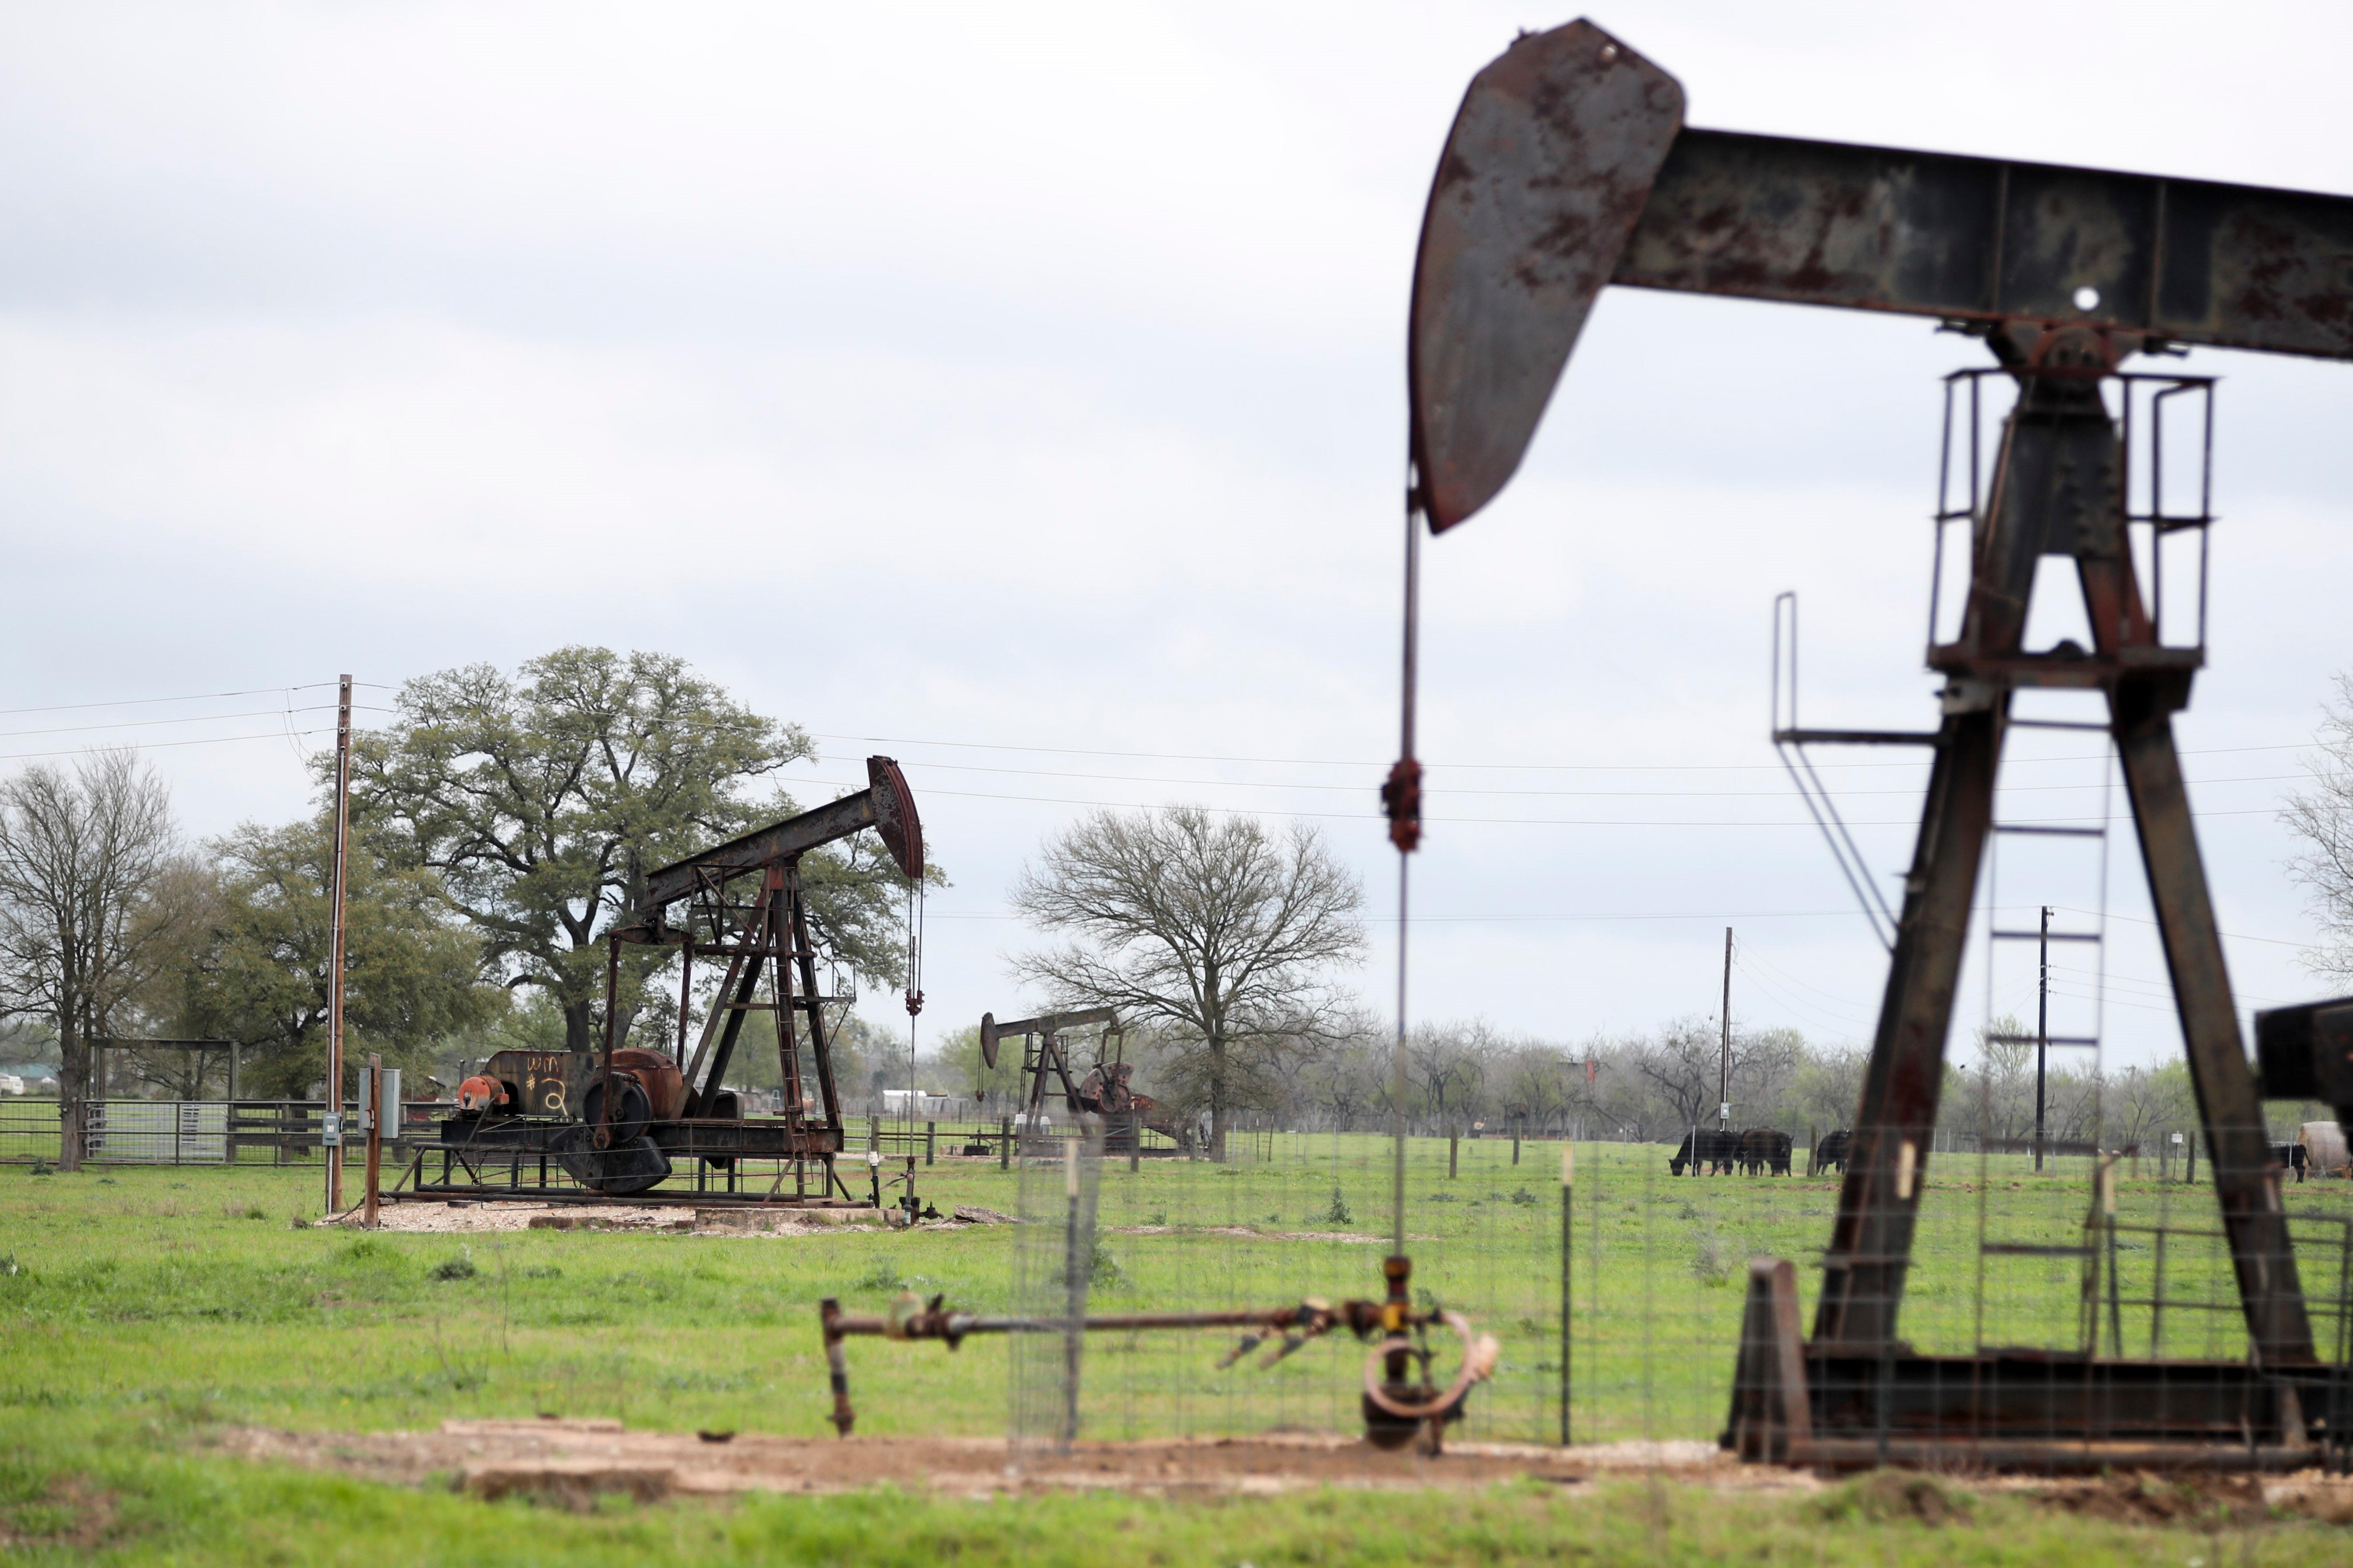 Chương tiếp theo của khủng hoảng dầu mỏ sẽ là đóng cửa Ảnh 1